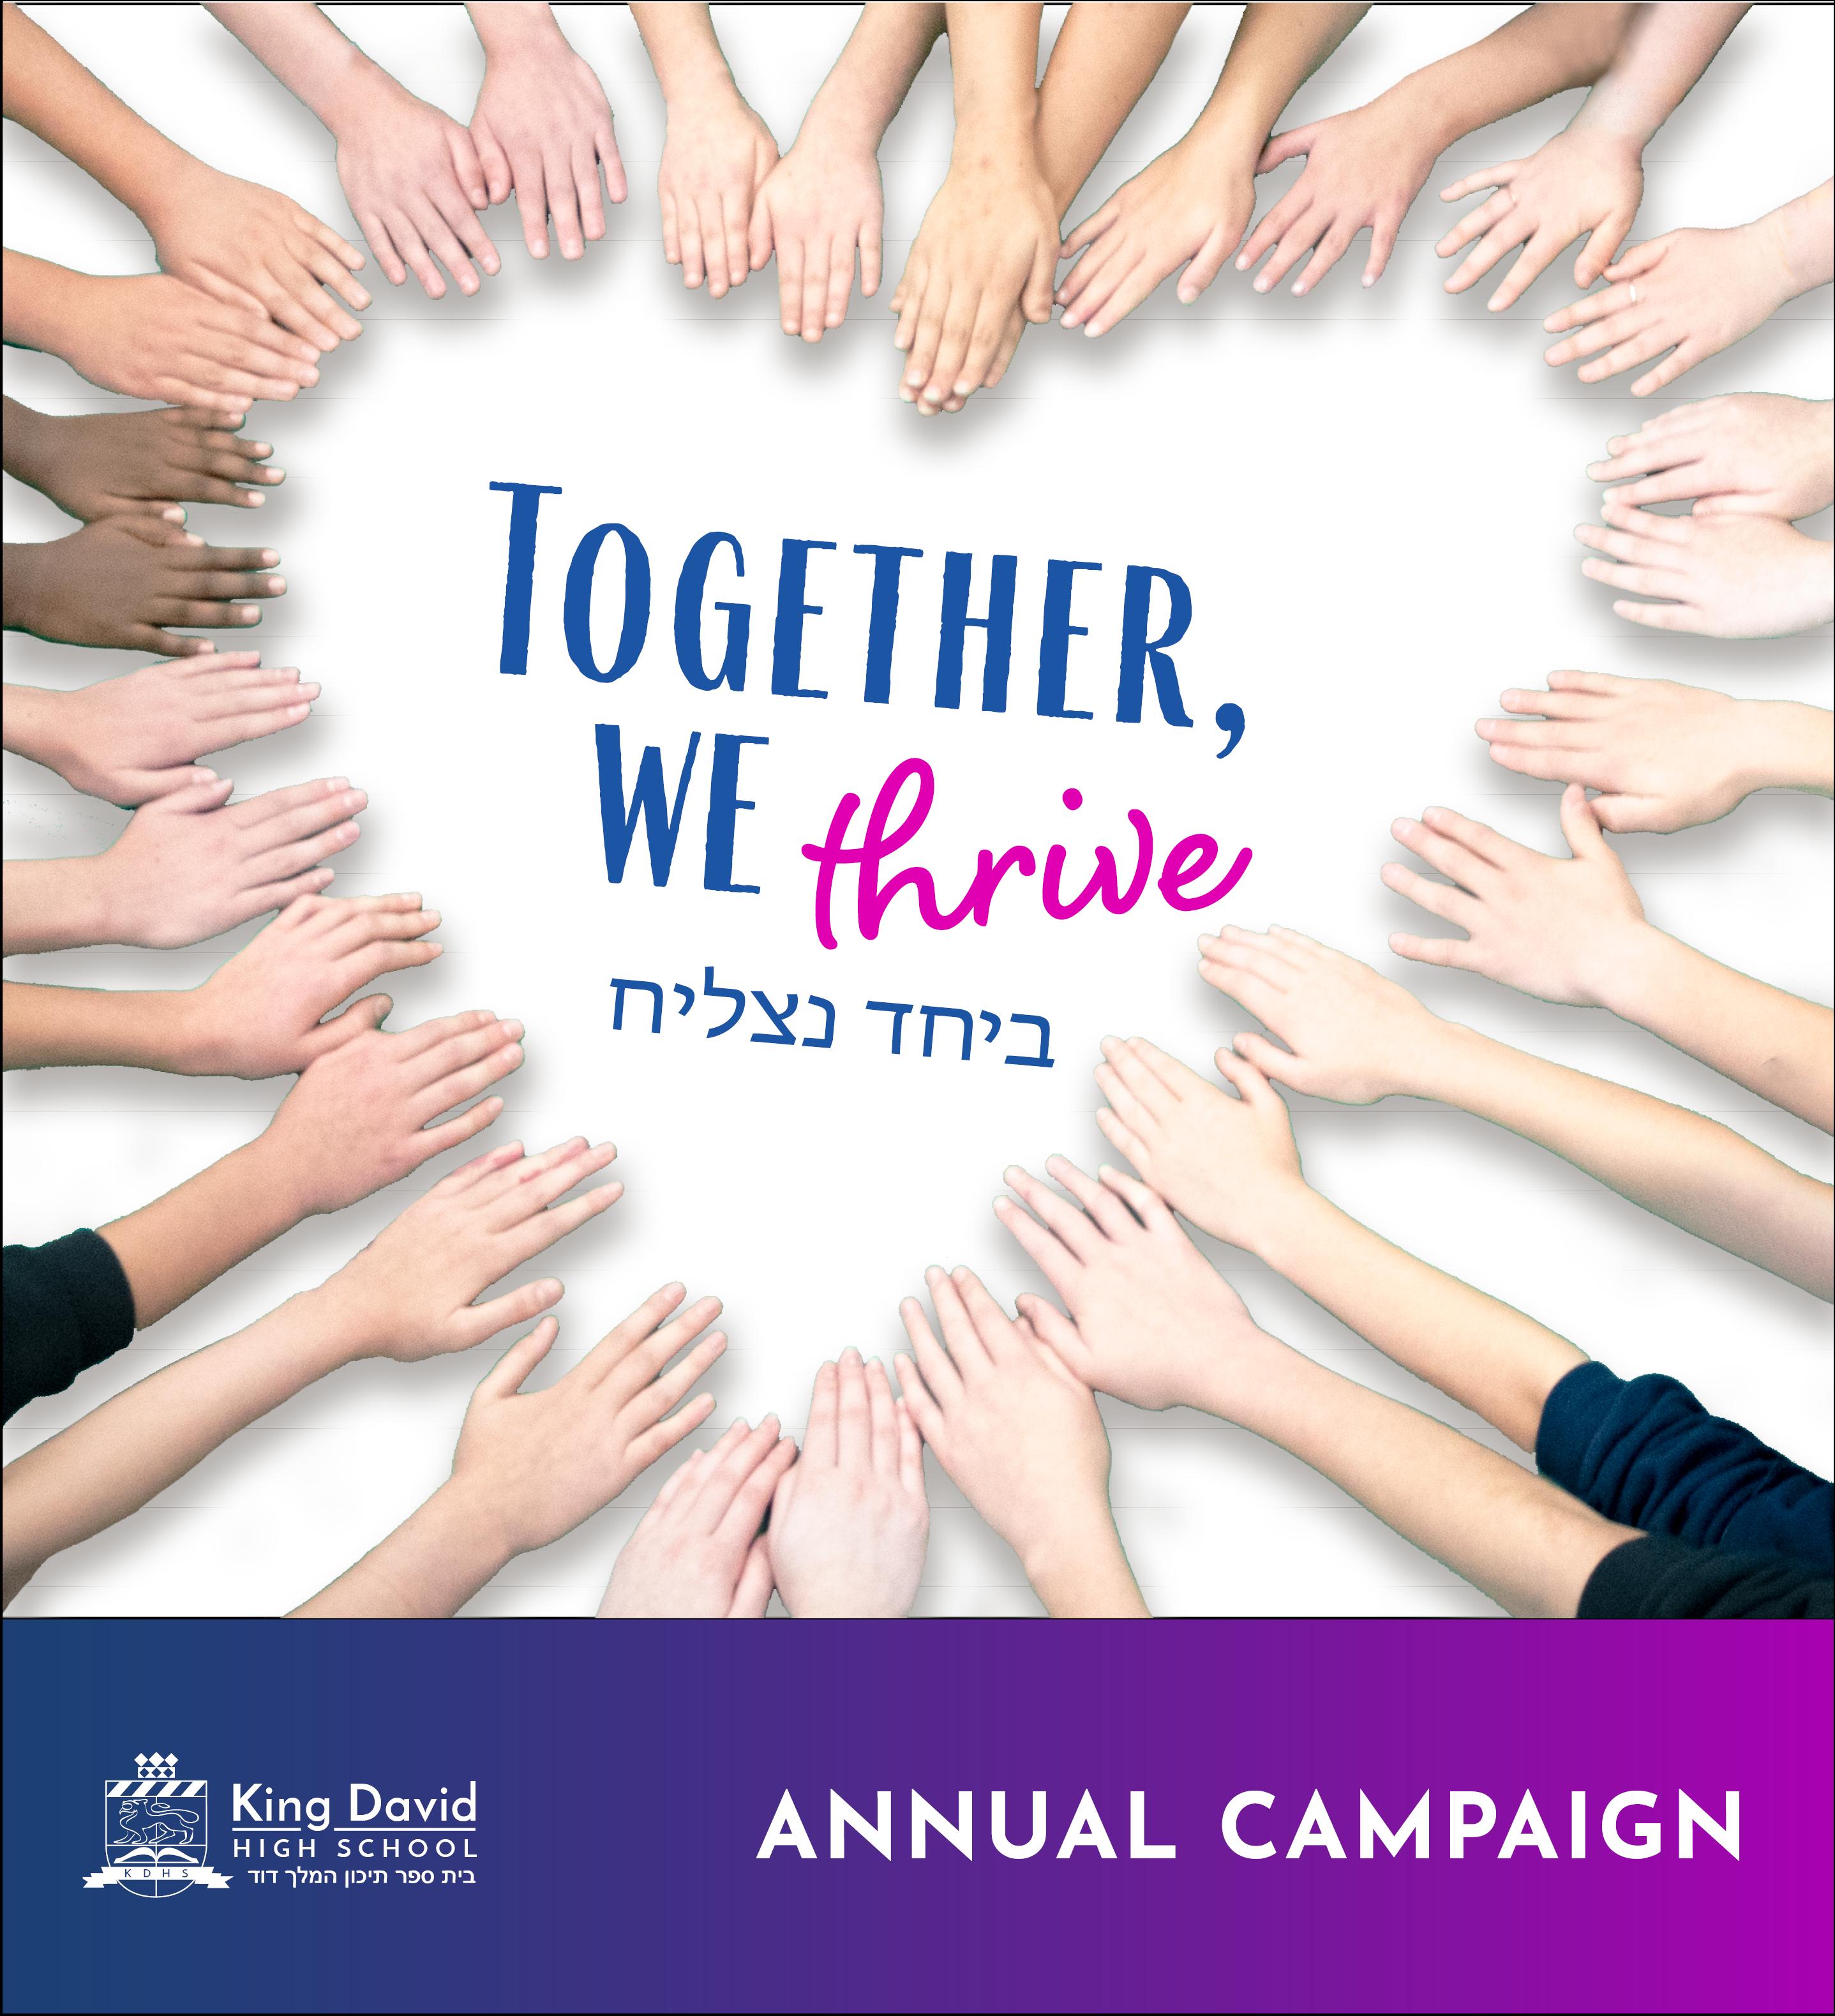 Annual Campaign 2020-2021